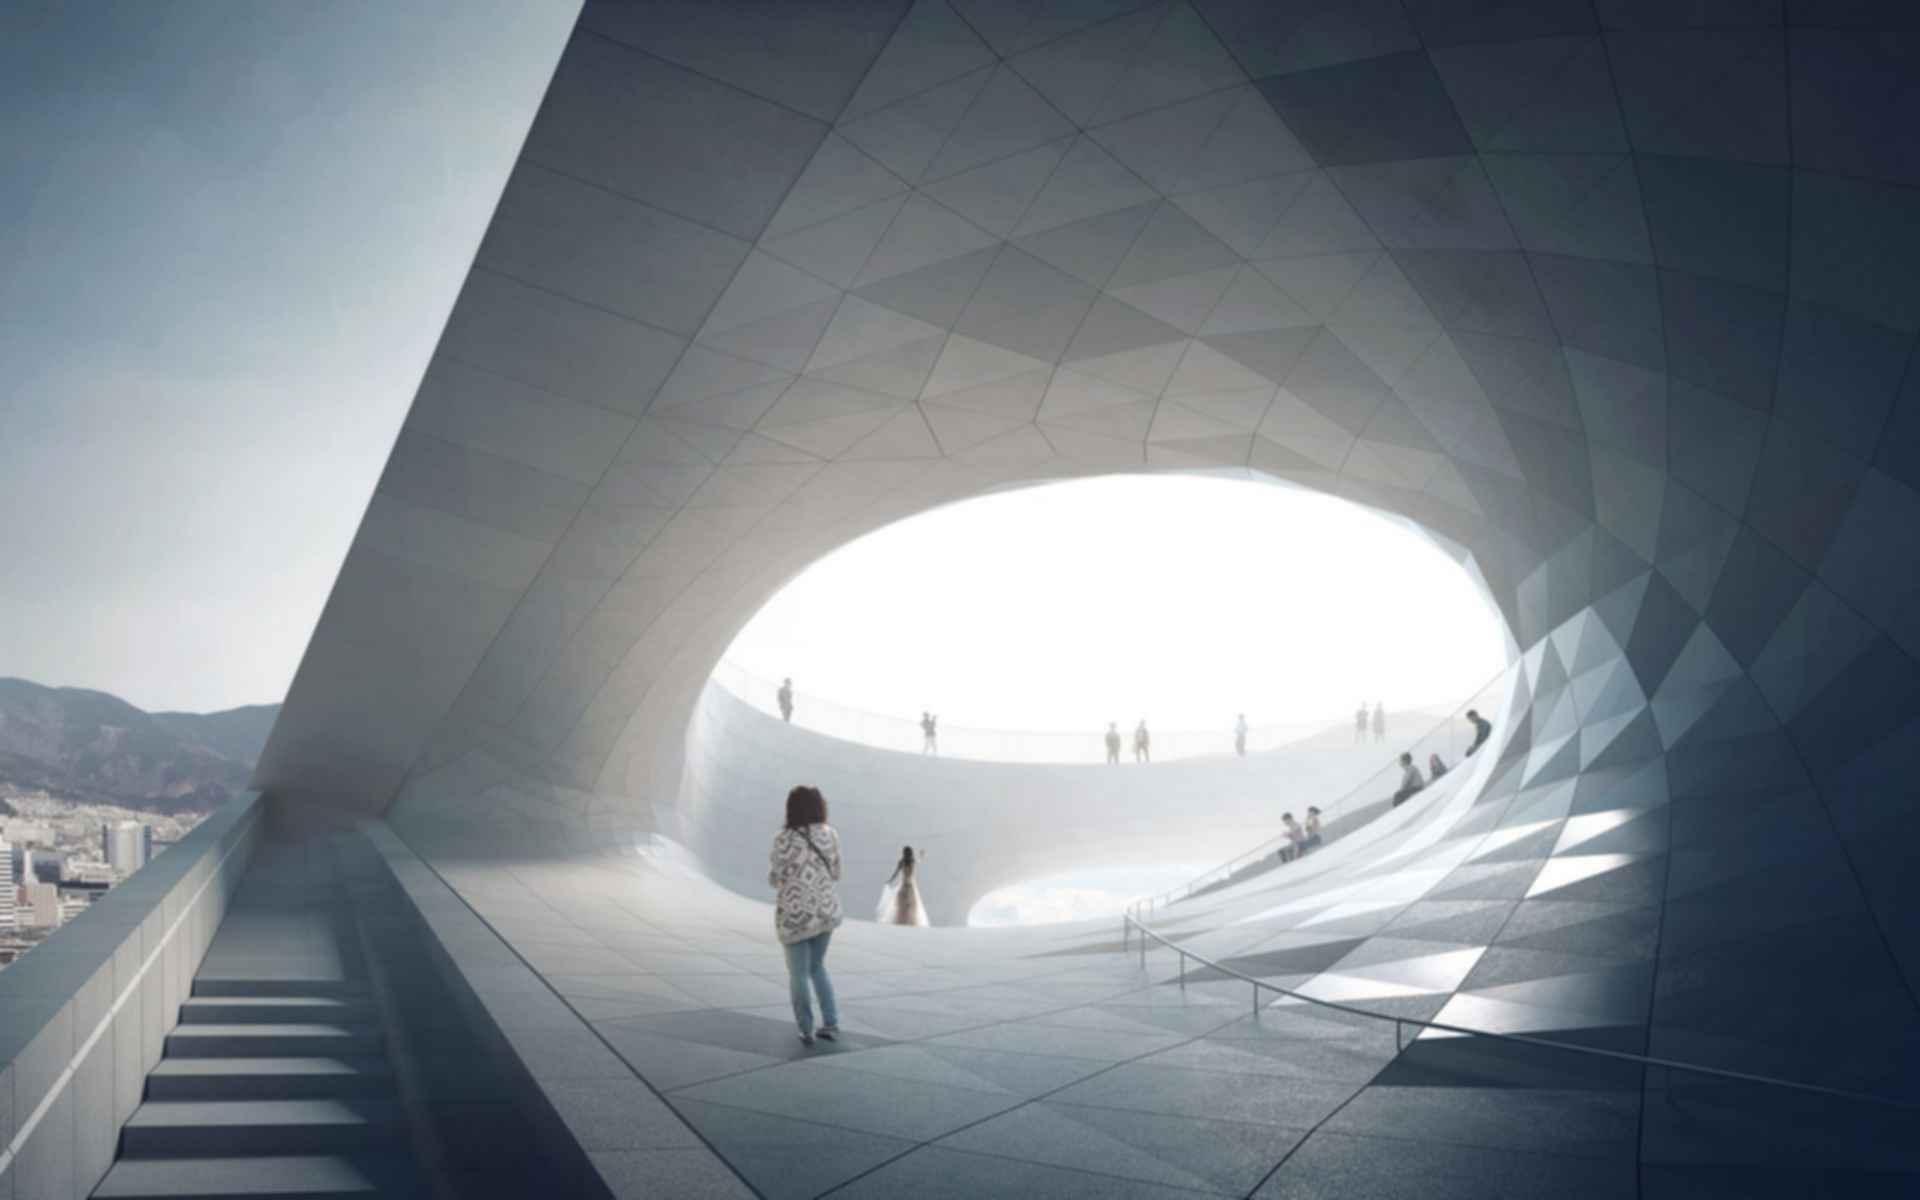 Busan Opera House - Concept Design/Entrance